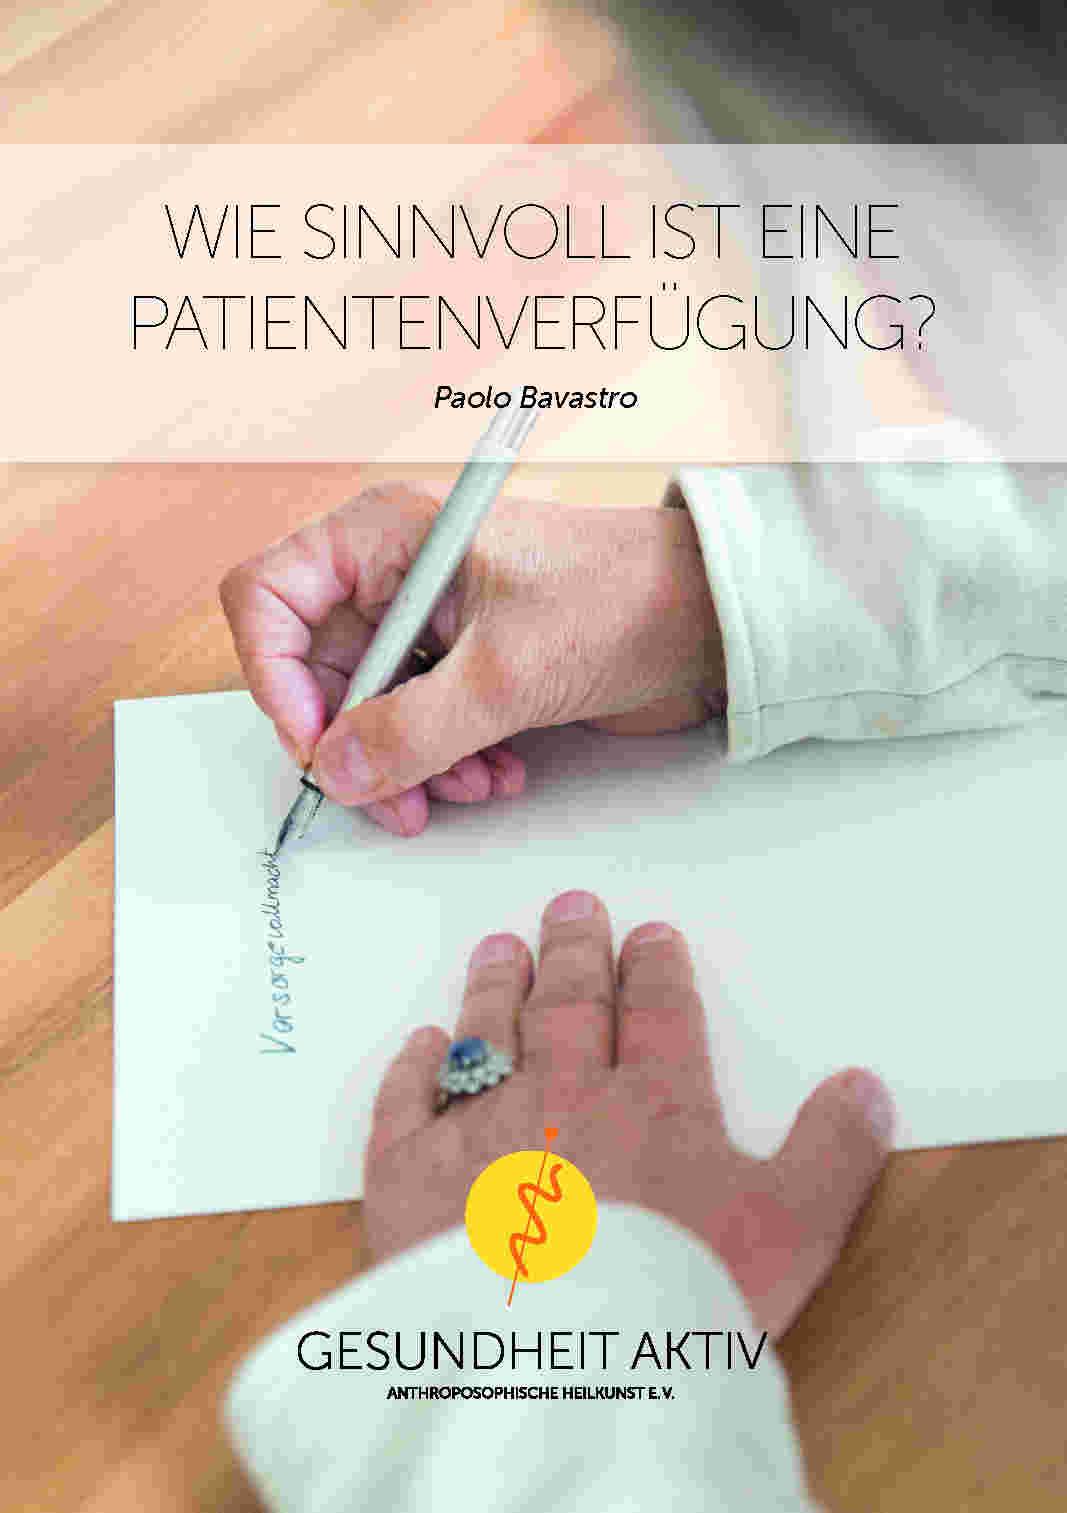 Wie sinnvoll ist eine Patientenverfügung?